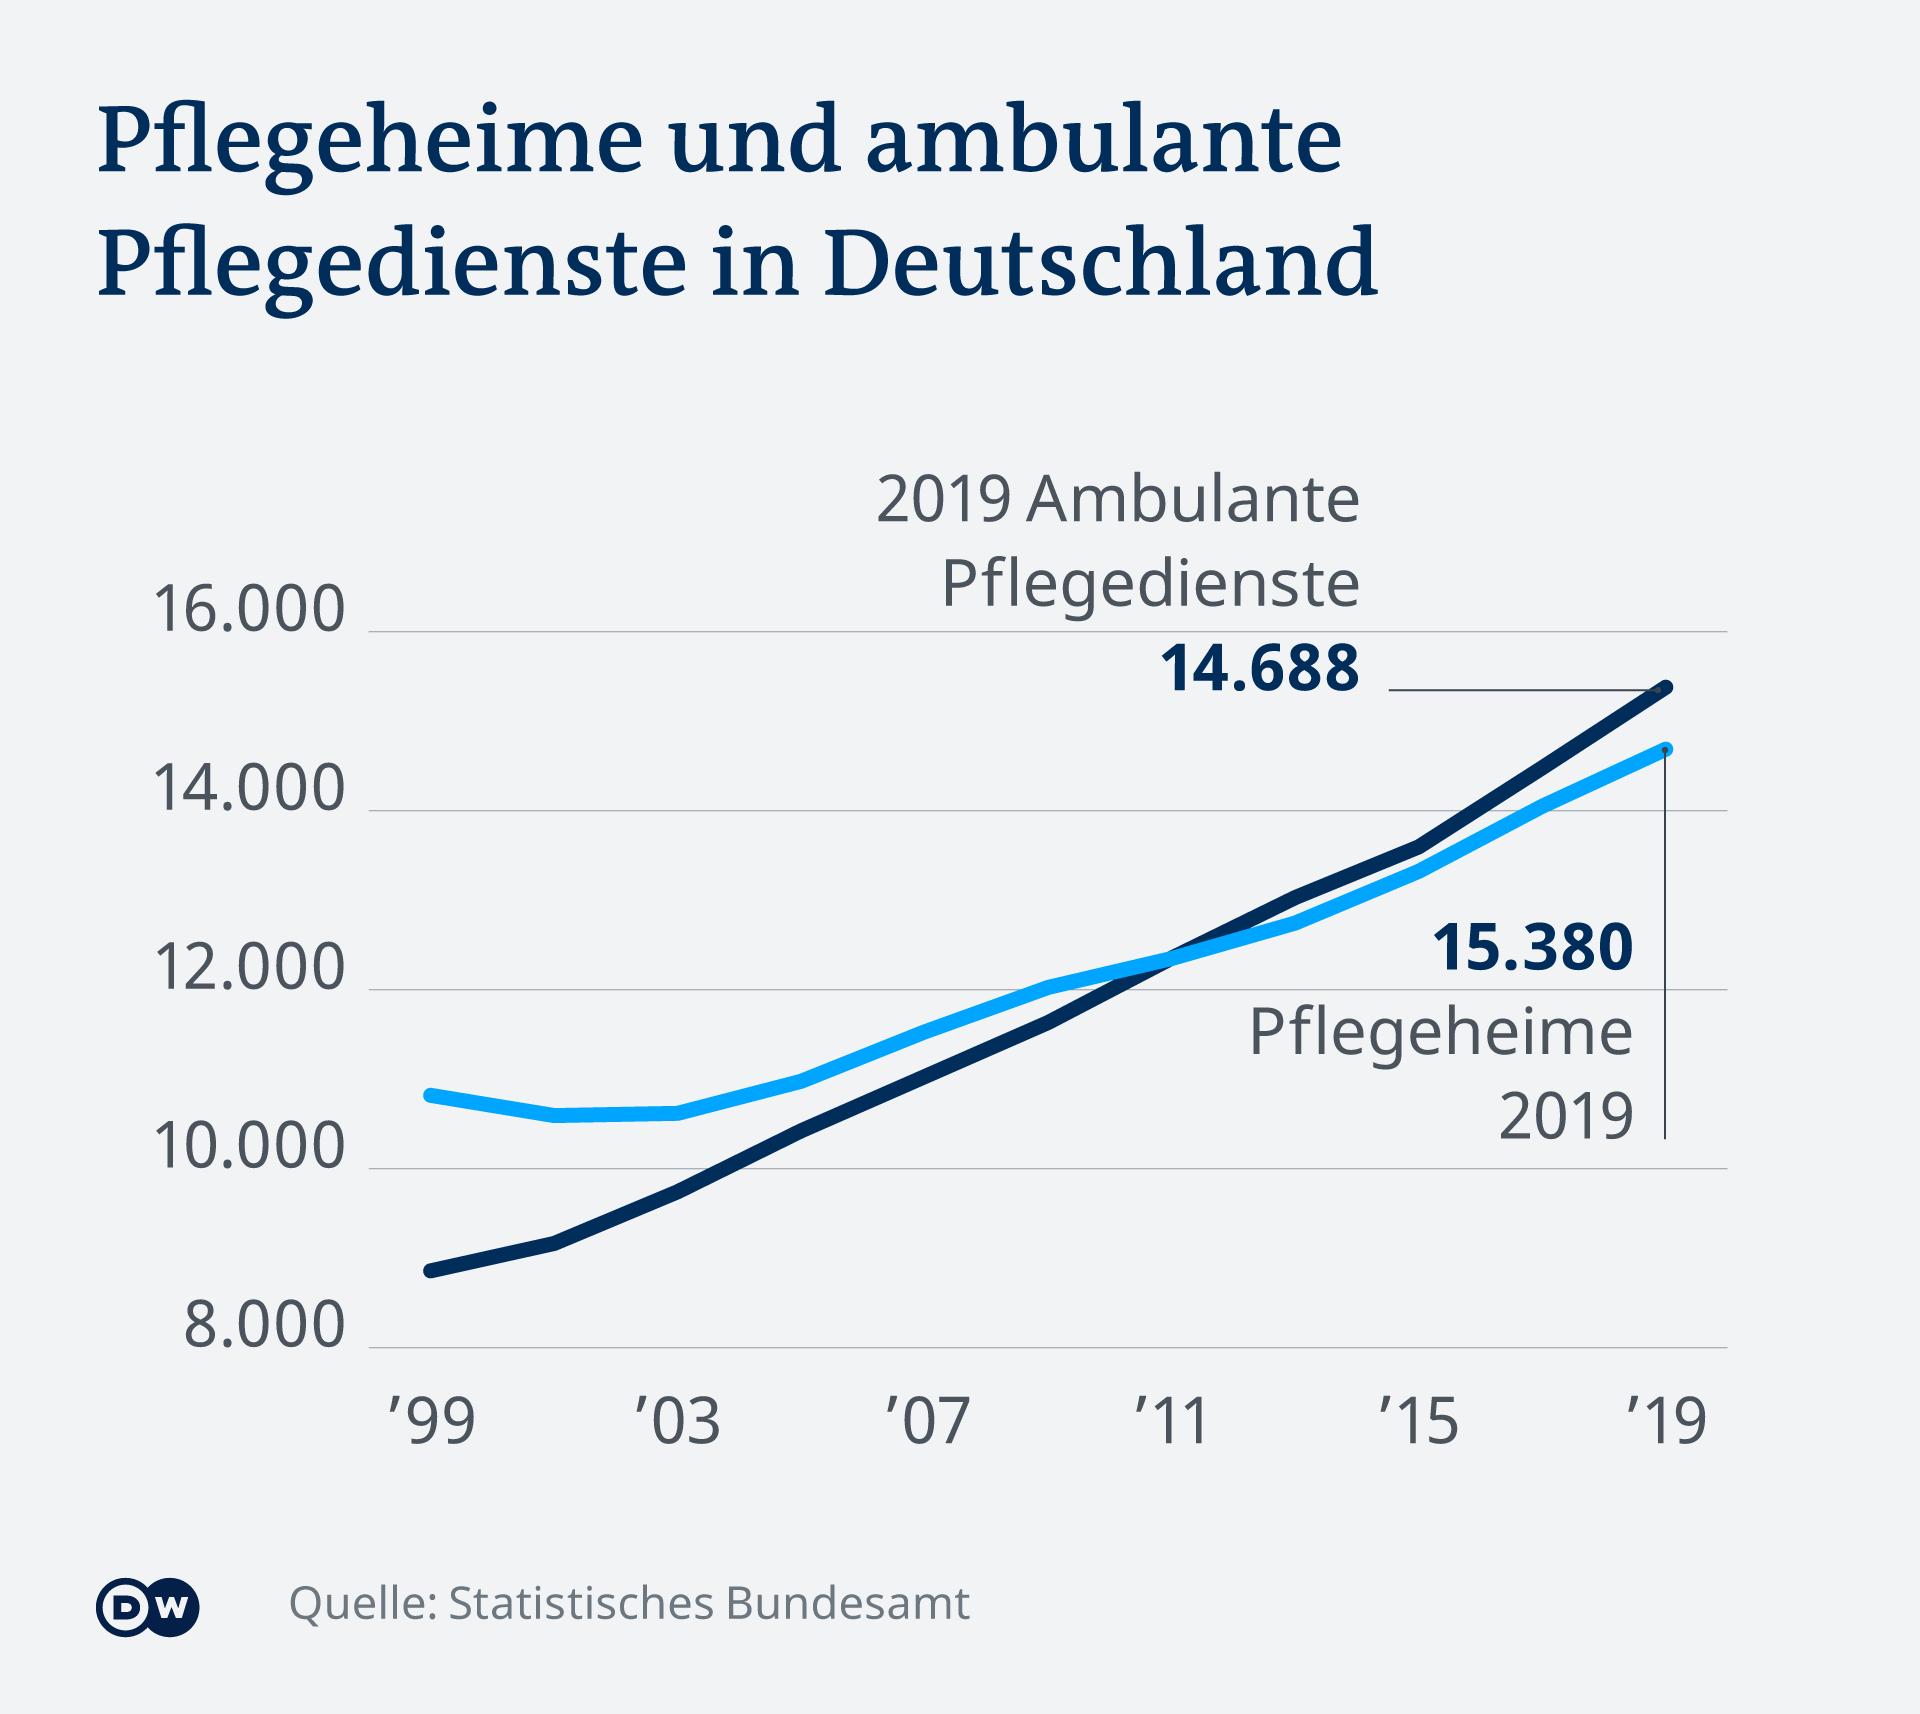 Infografik Pflegeheime und ambulante Pflegedienste in Deutschland DE